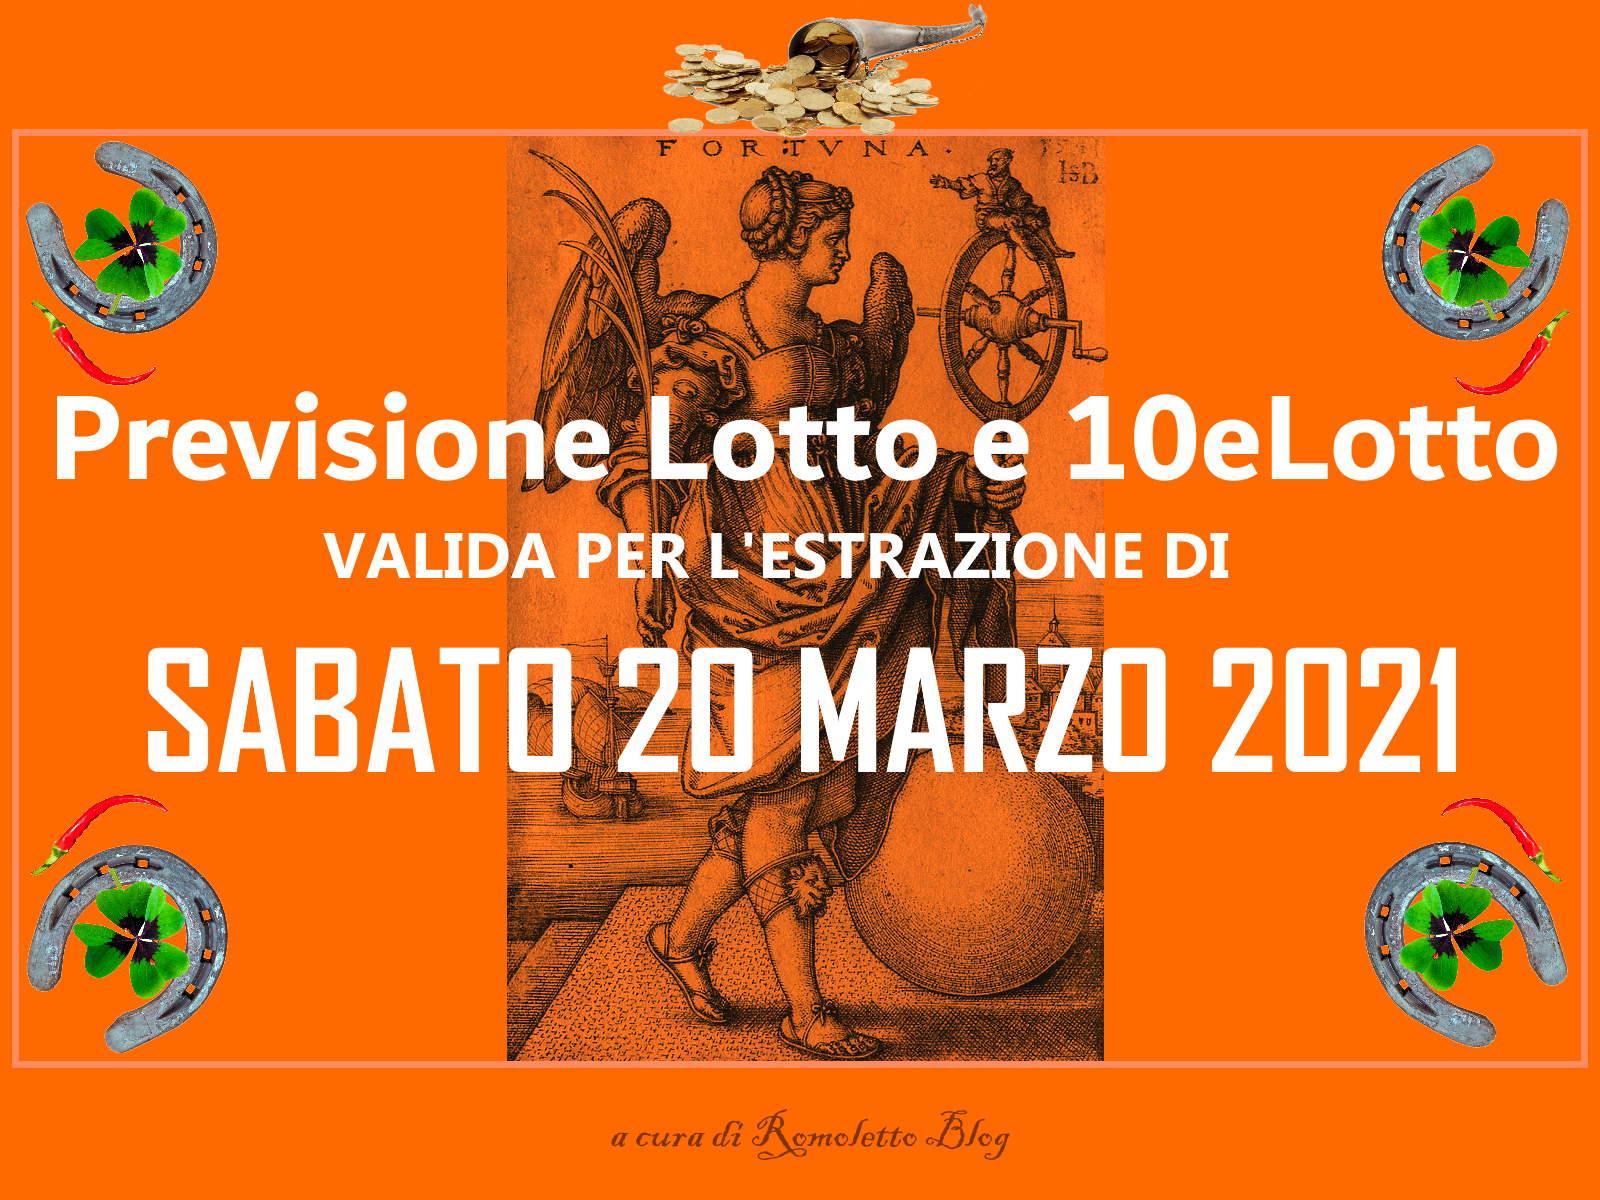 Previsione Lotto 20 Marzo 2021